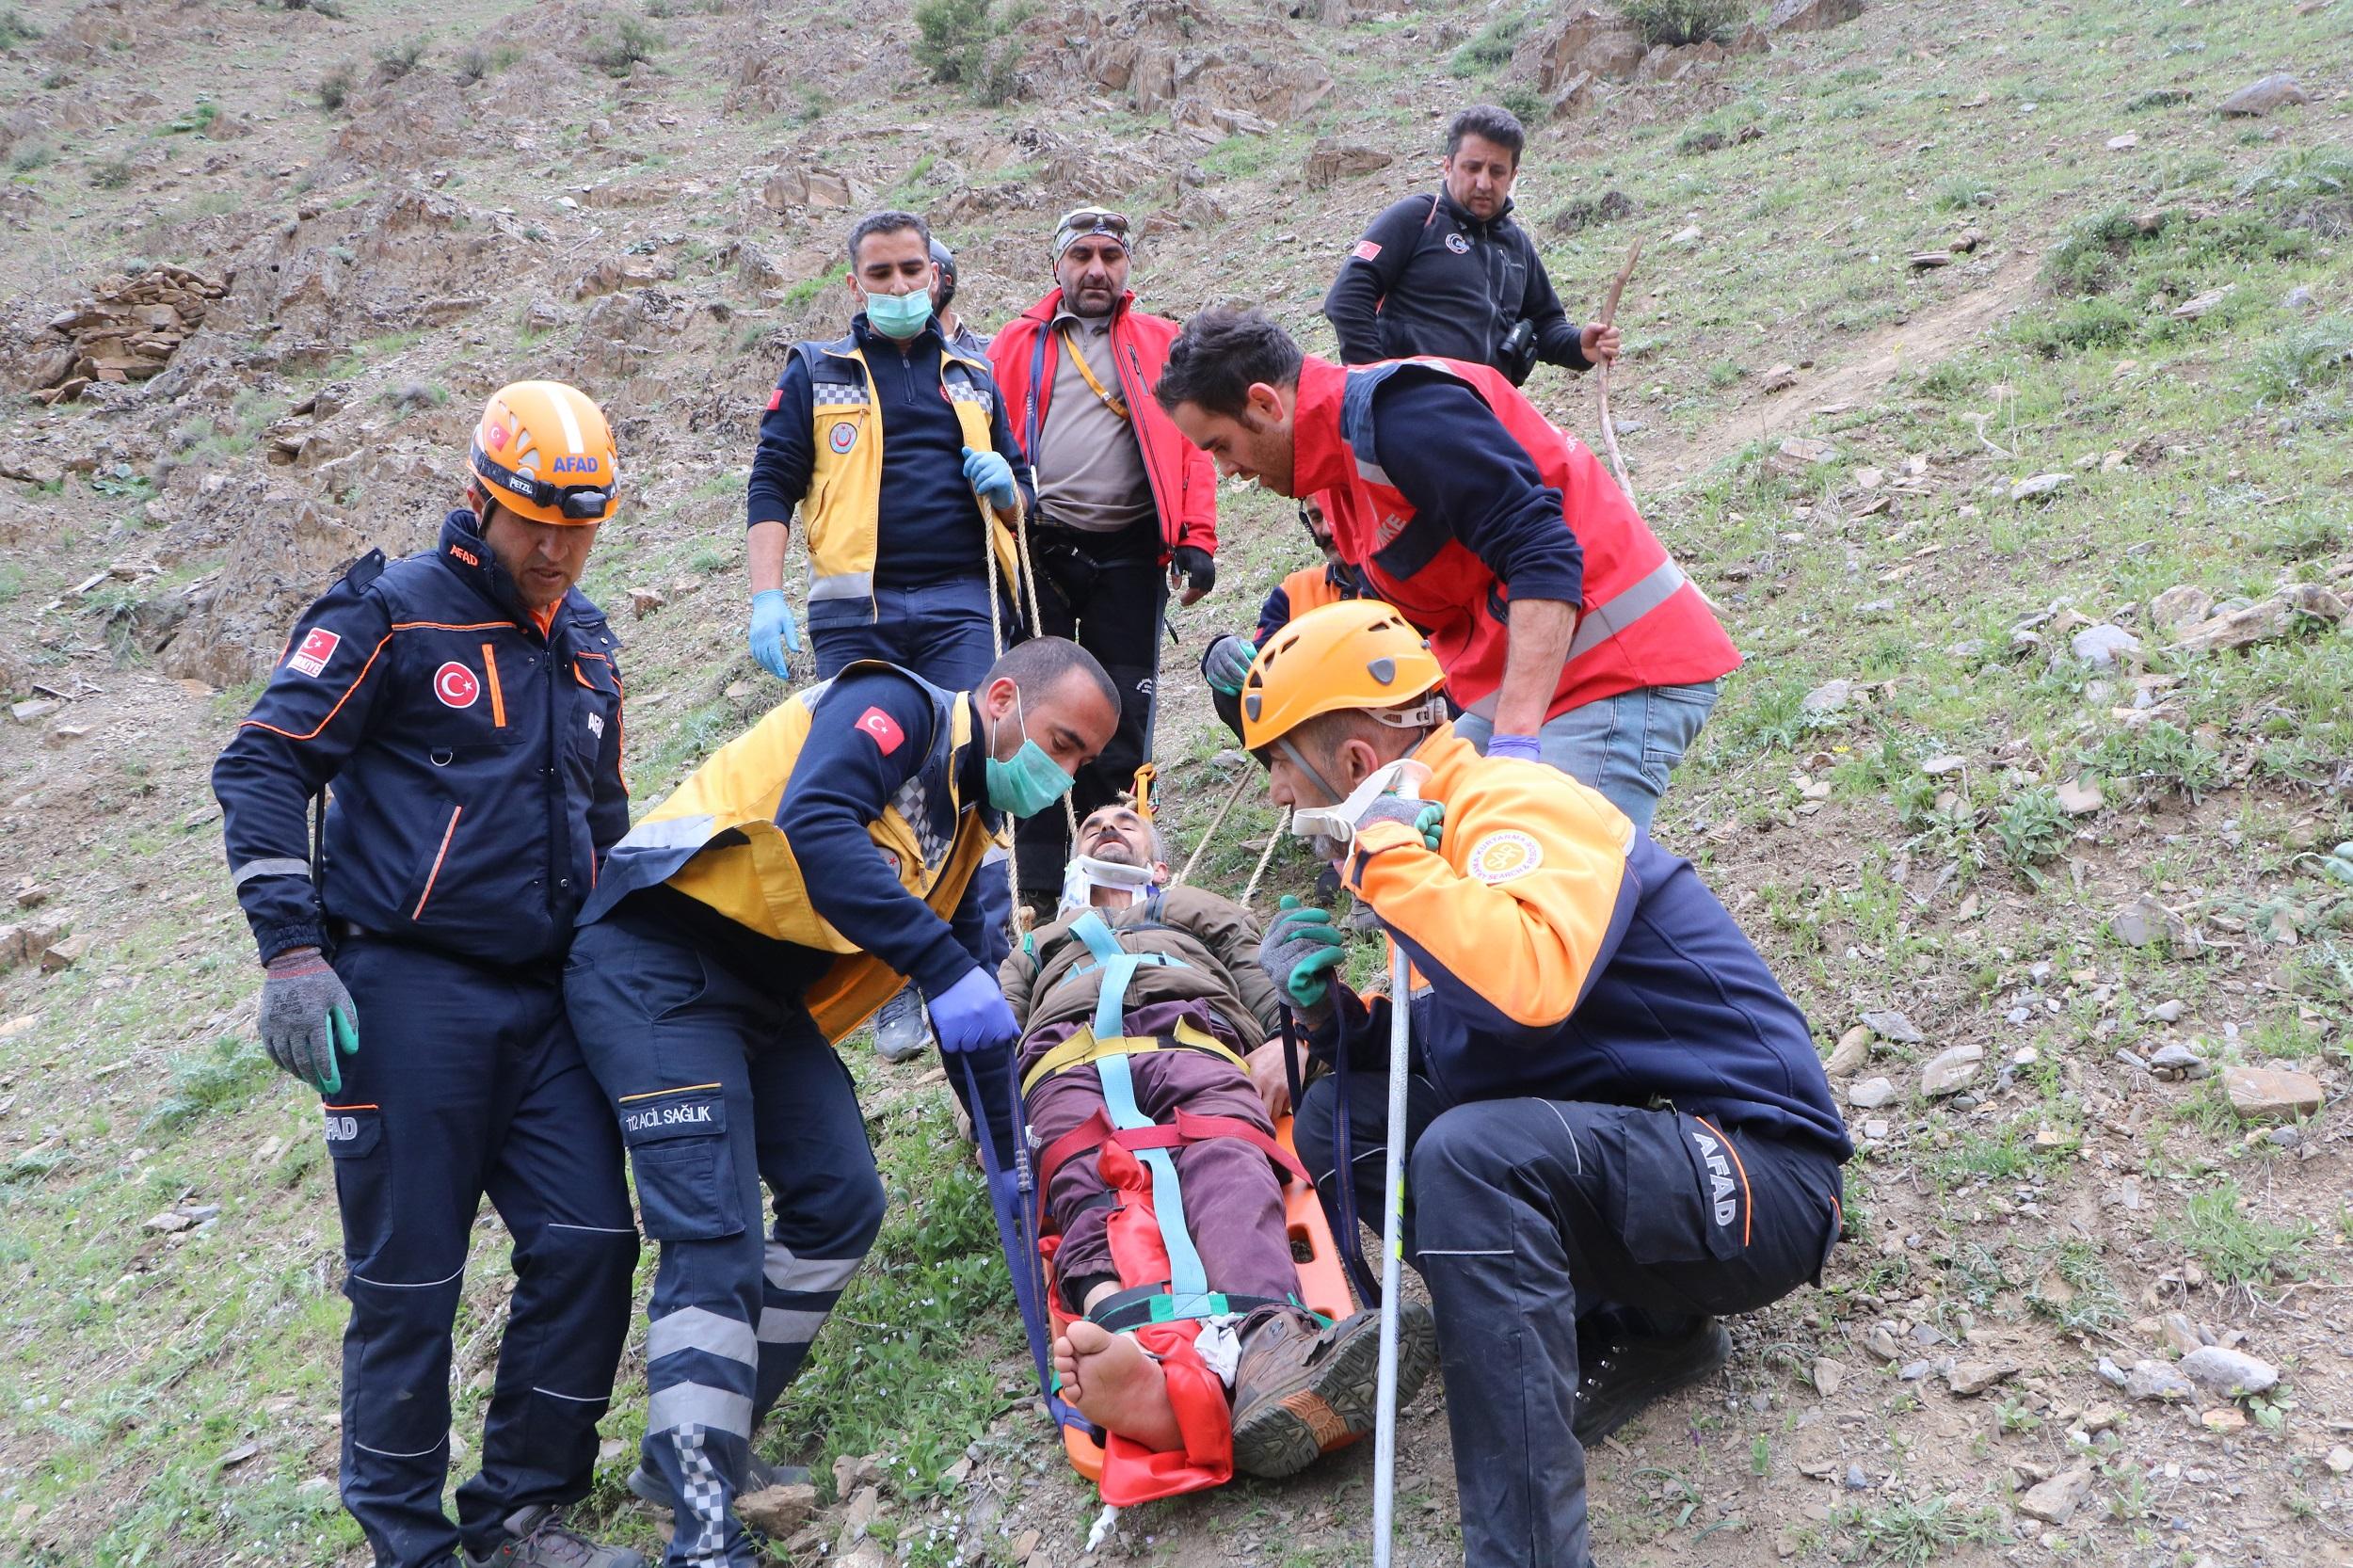 Pancar toplarken uçurumdan düşüp yaralandı, 5 saatte kurtarıldı